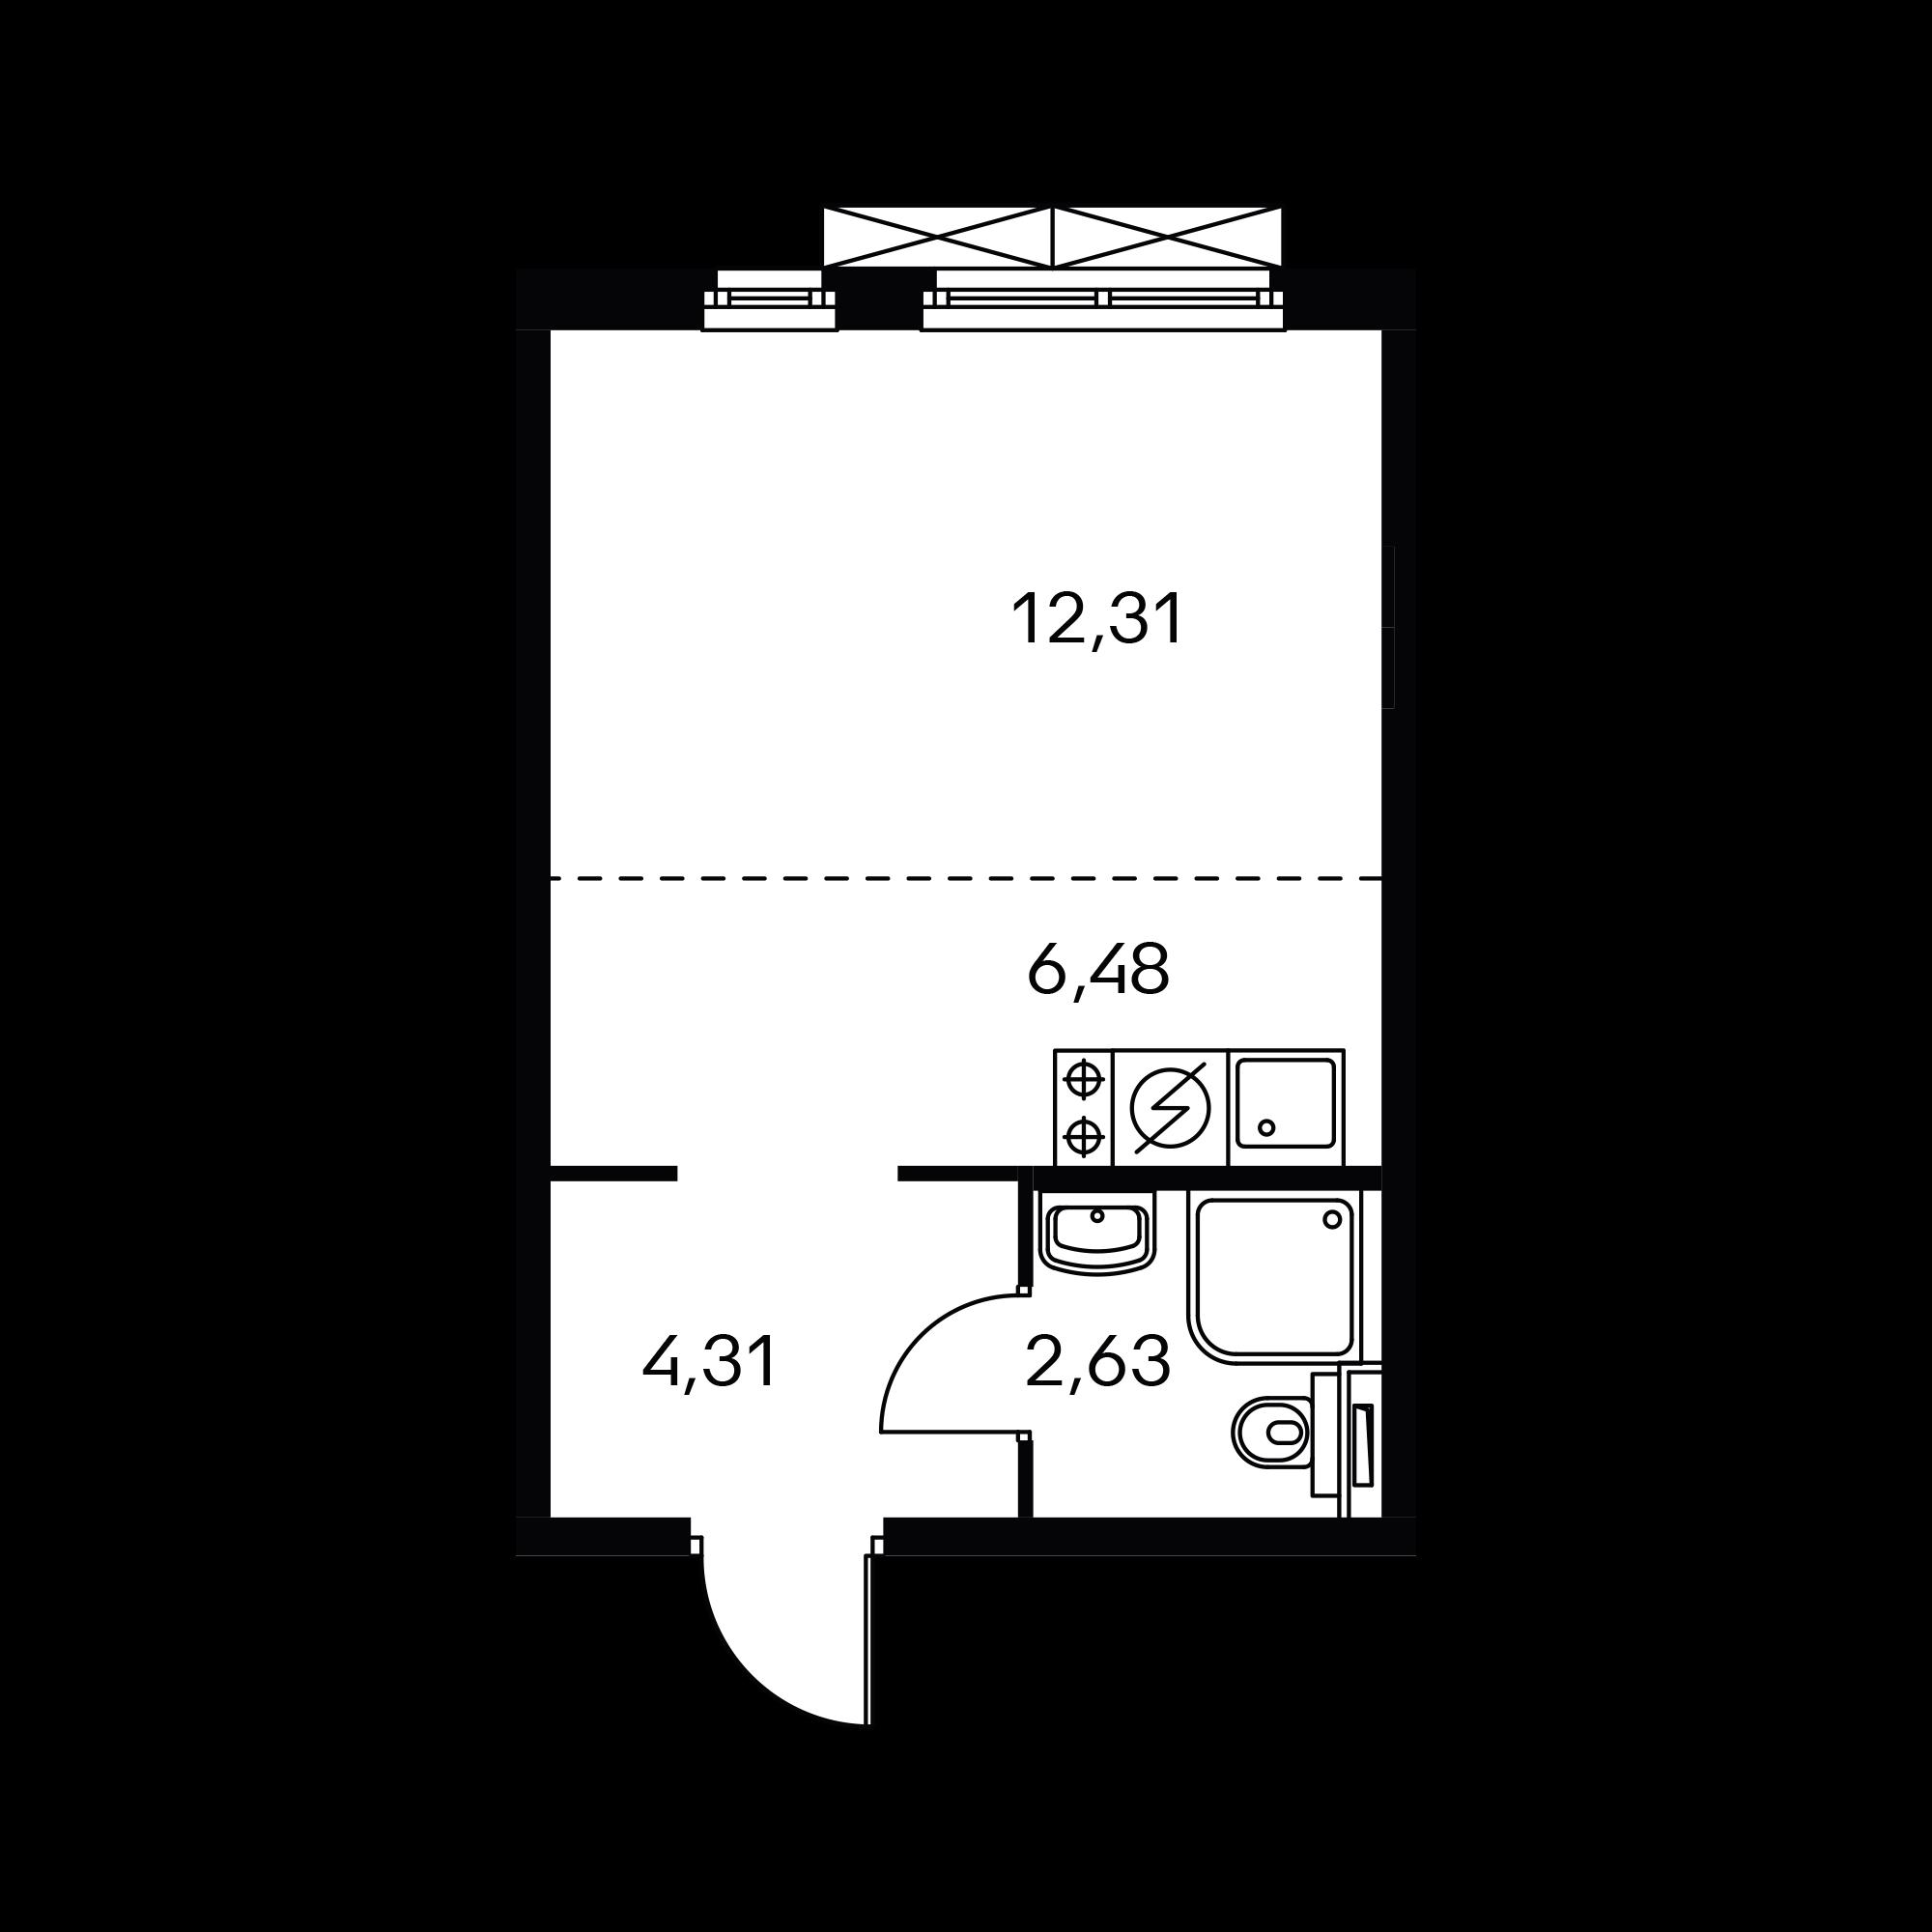 1NM1_4.5-1_S_Z